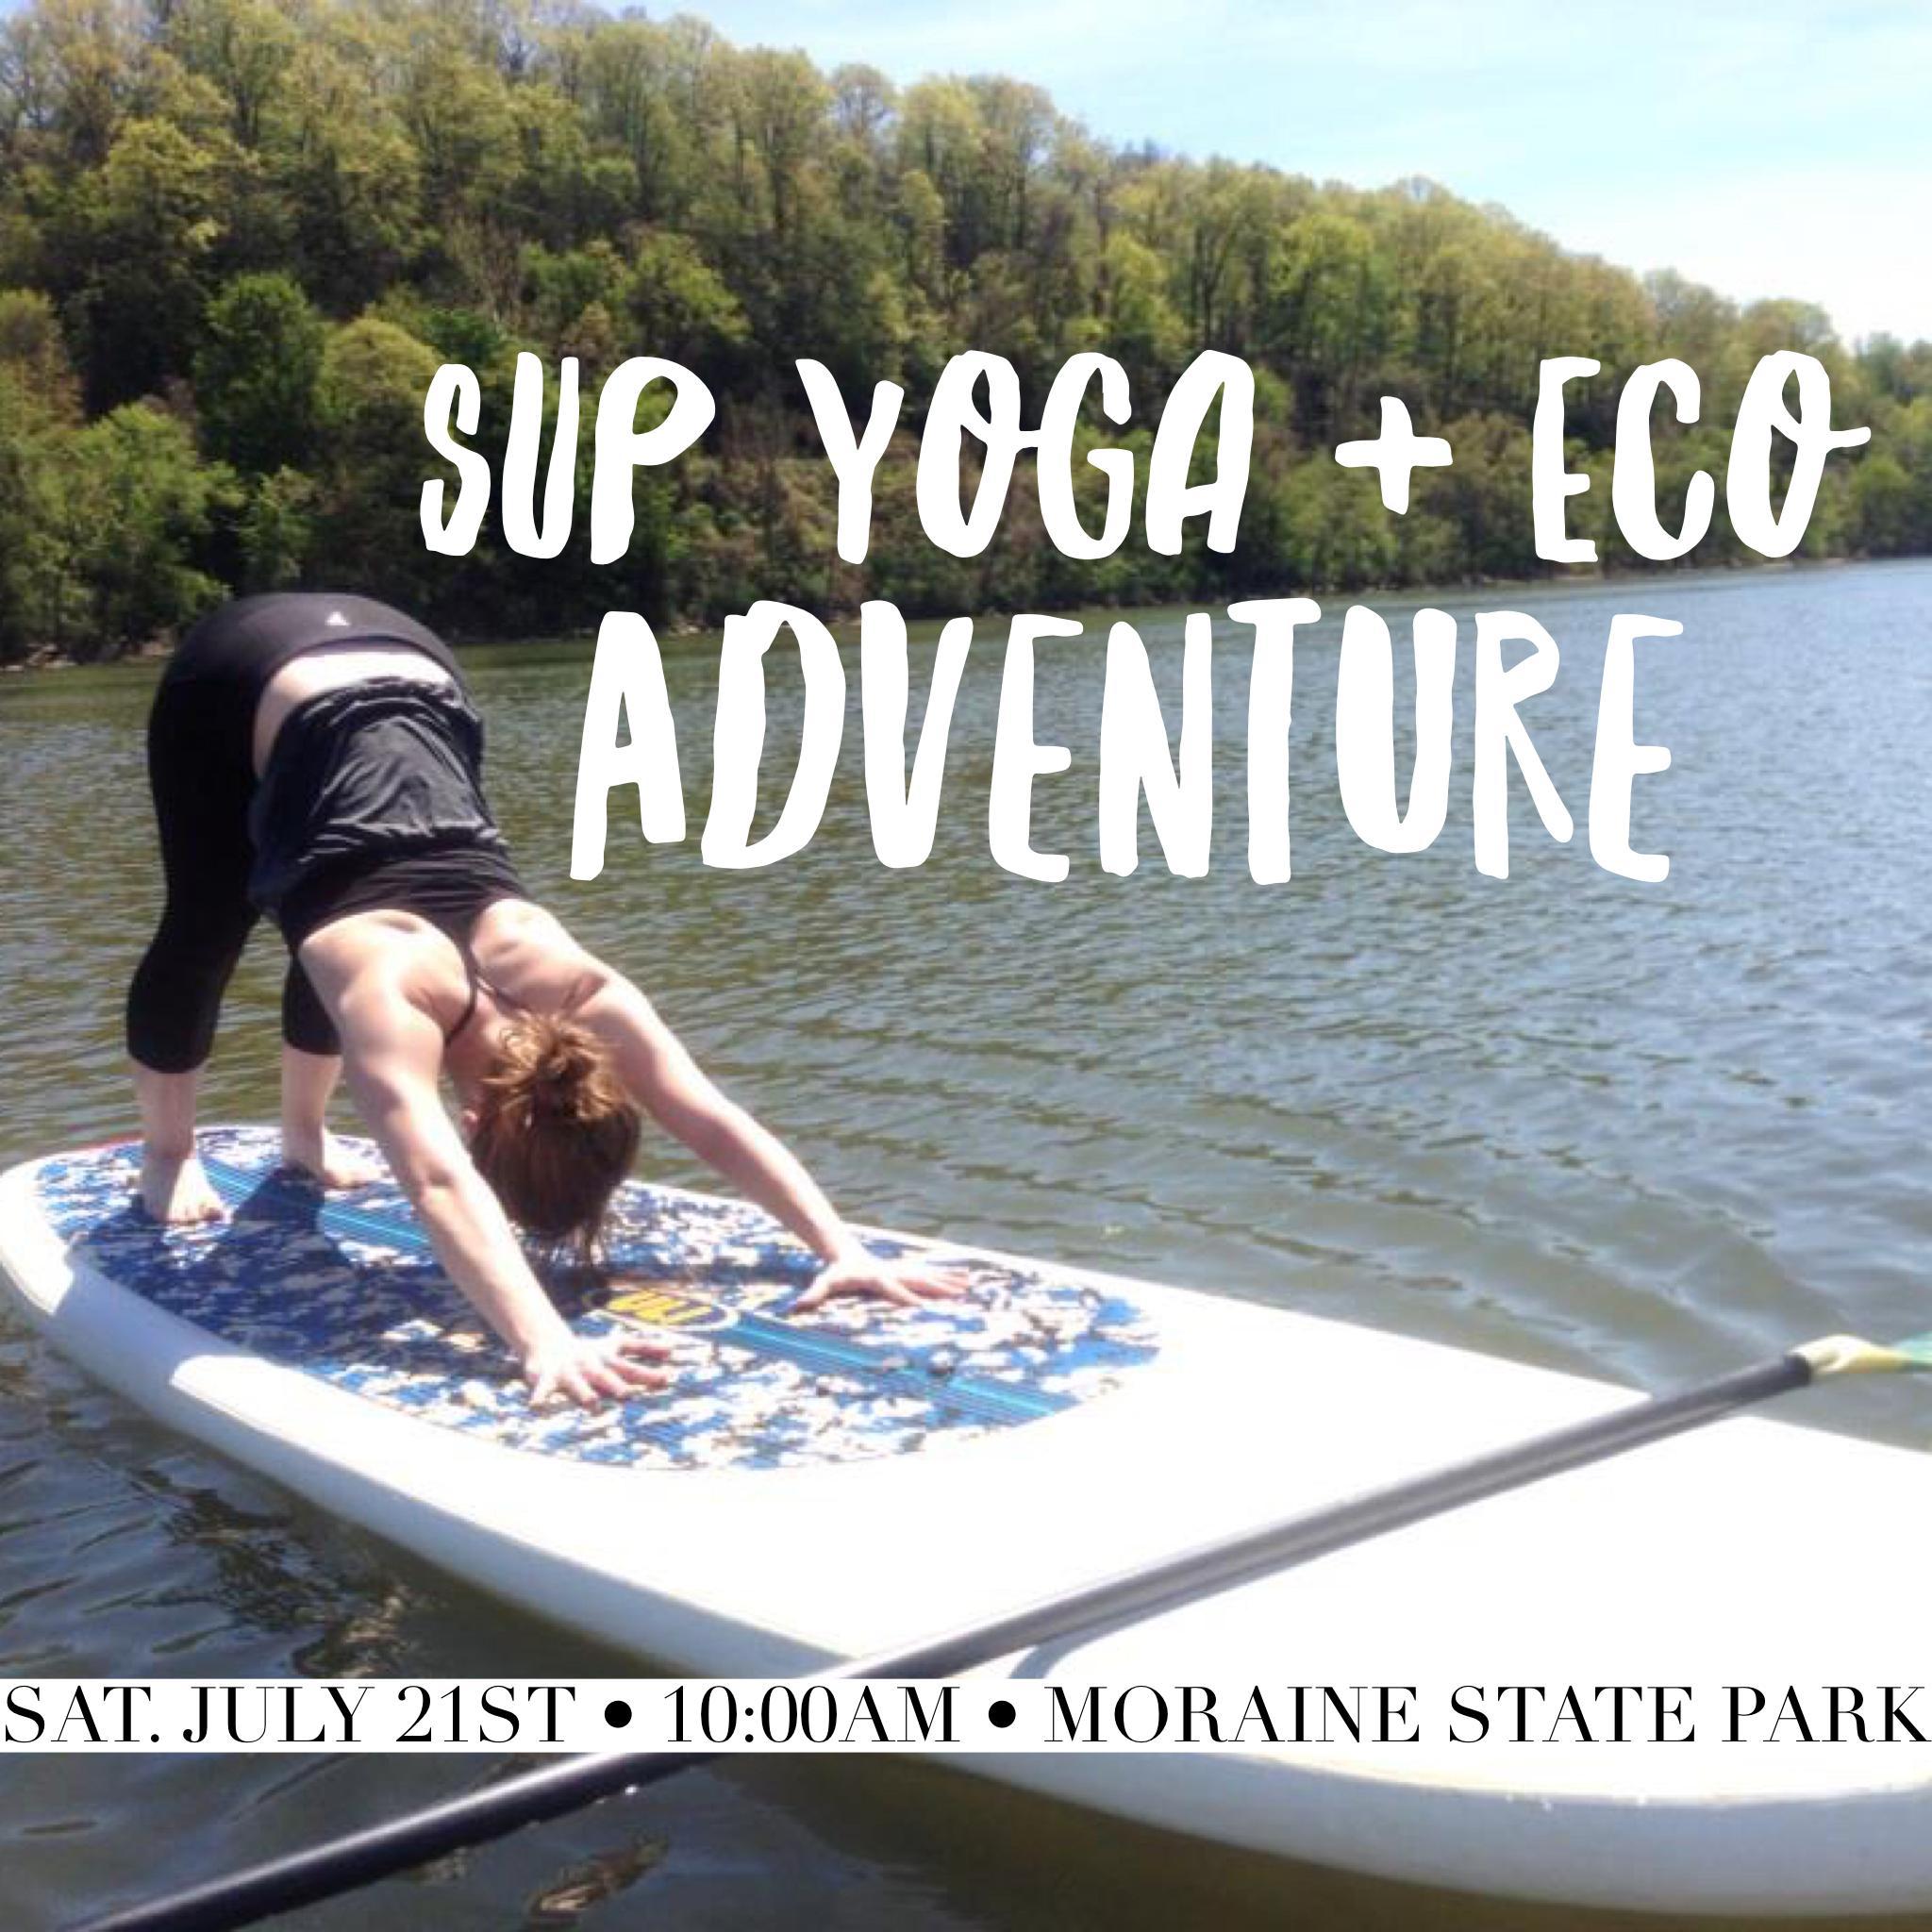 SUP YOga & Eco Adventure